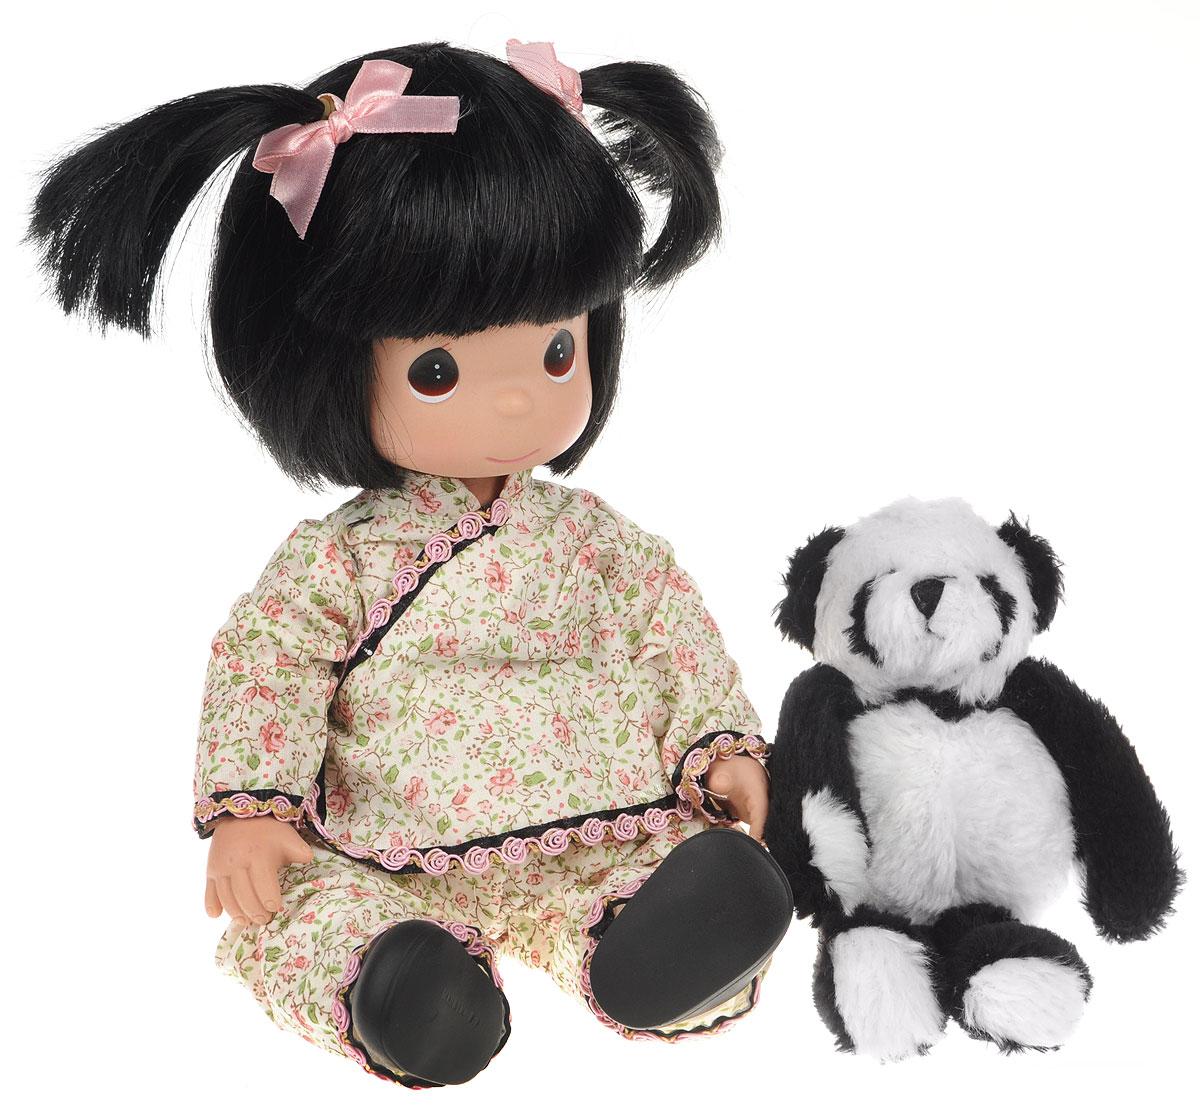 Precious Moments Кукла Мир и гармония куклы и одежда для кукол весна озвученная кукла саша 1 42 см